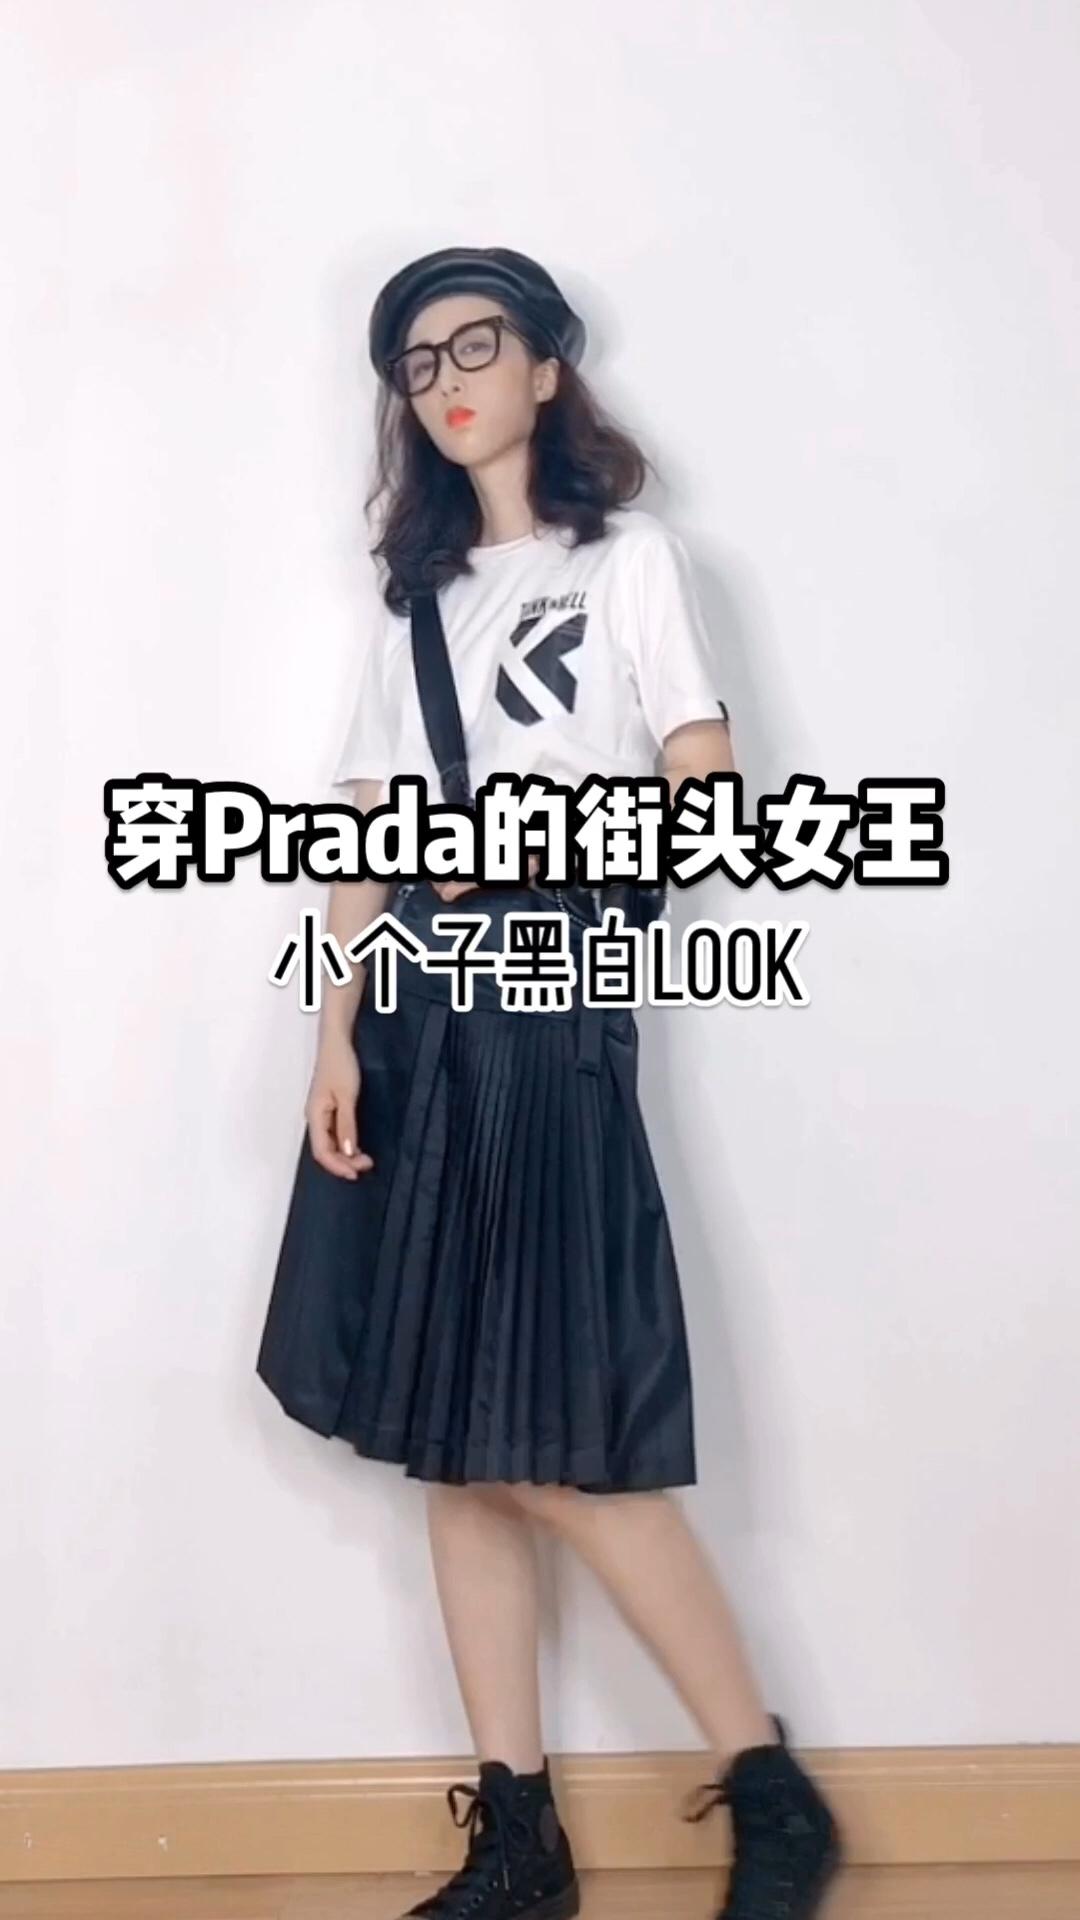 #盐系工装风,一穿就上头# 裙子是prada的新款 超级有设计感,小众风的女孩子必须要来一件这样的裙子👗 黑白 look也是经典不过时。 一套可以穿无数季。